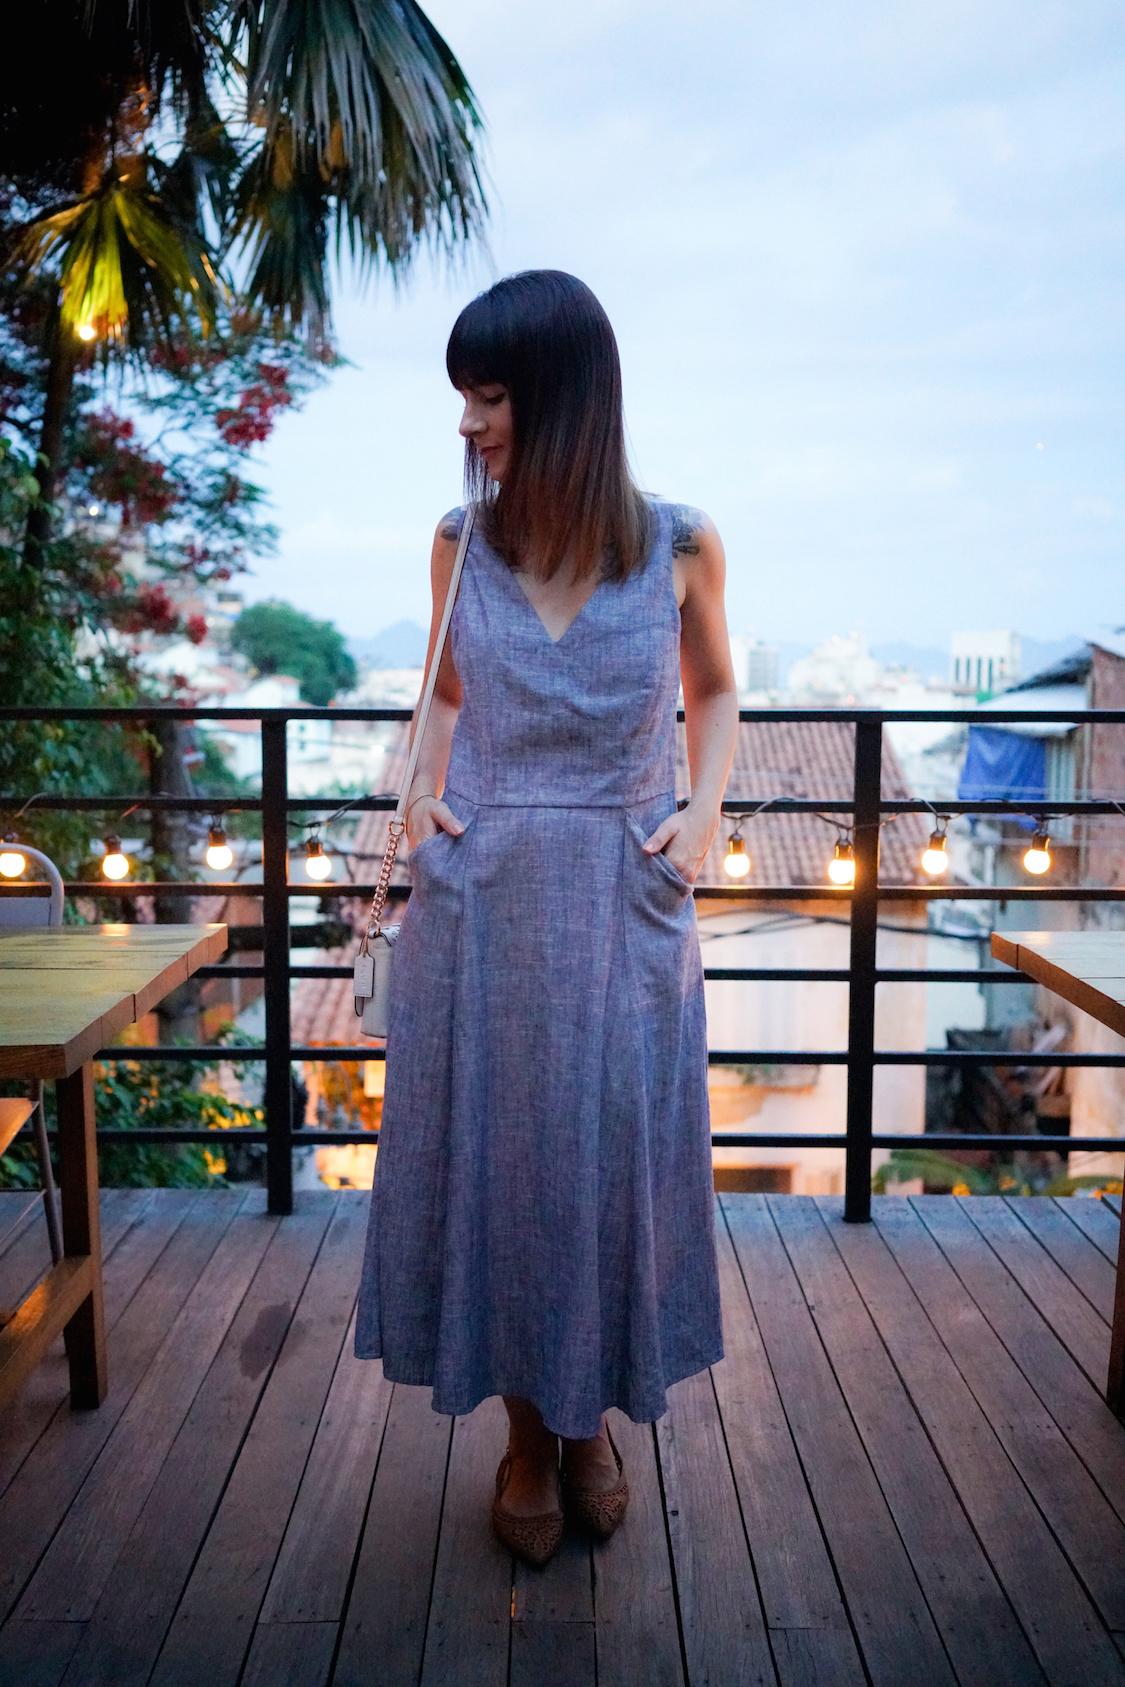 vestido-midi-linho-noite-autografos-rio-de-janeiro-danielle-noce-6